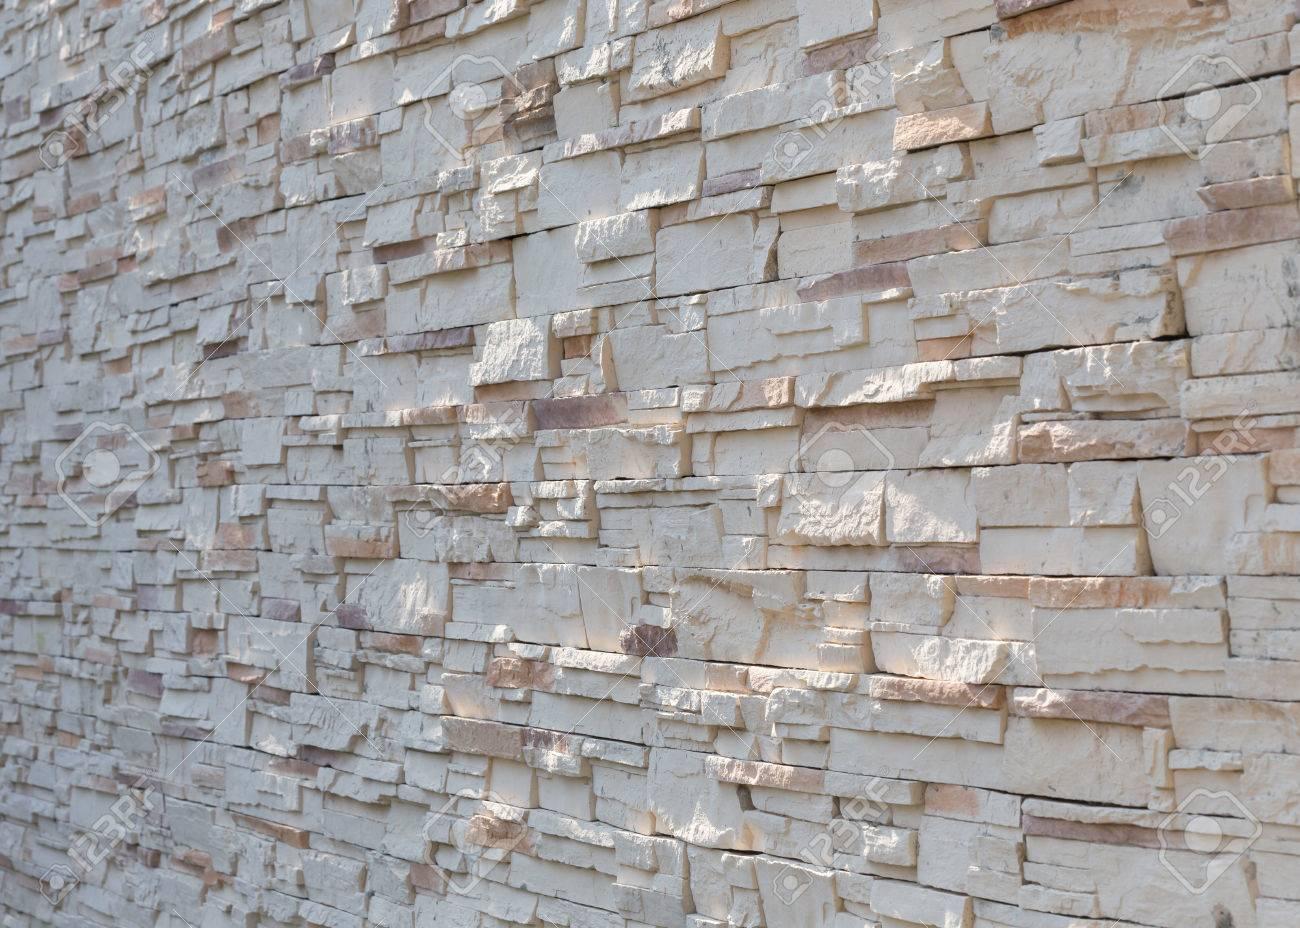 Pierre Blanche Texture Du Mur Intérieur Décoratif Fond D\'écran ...